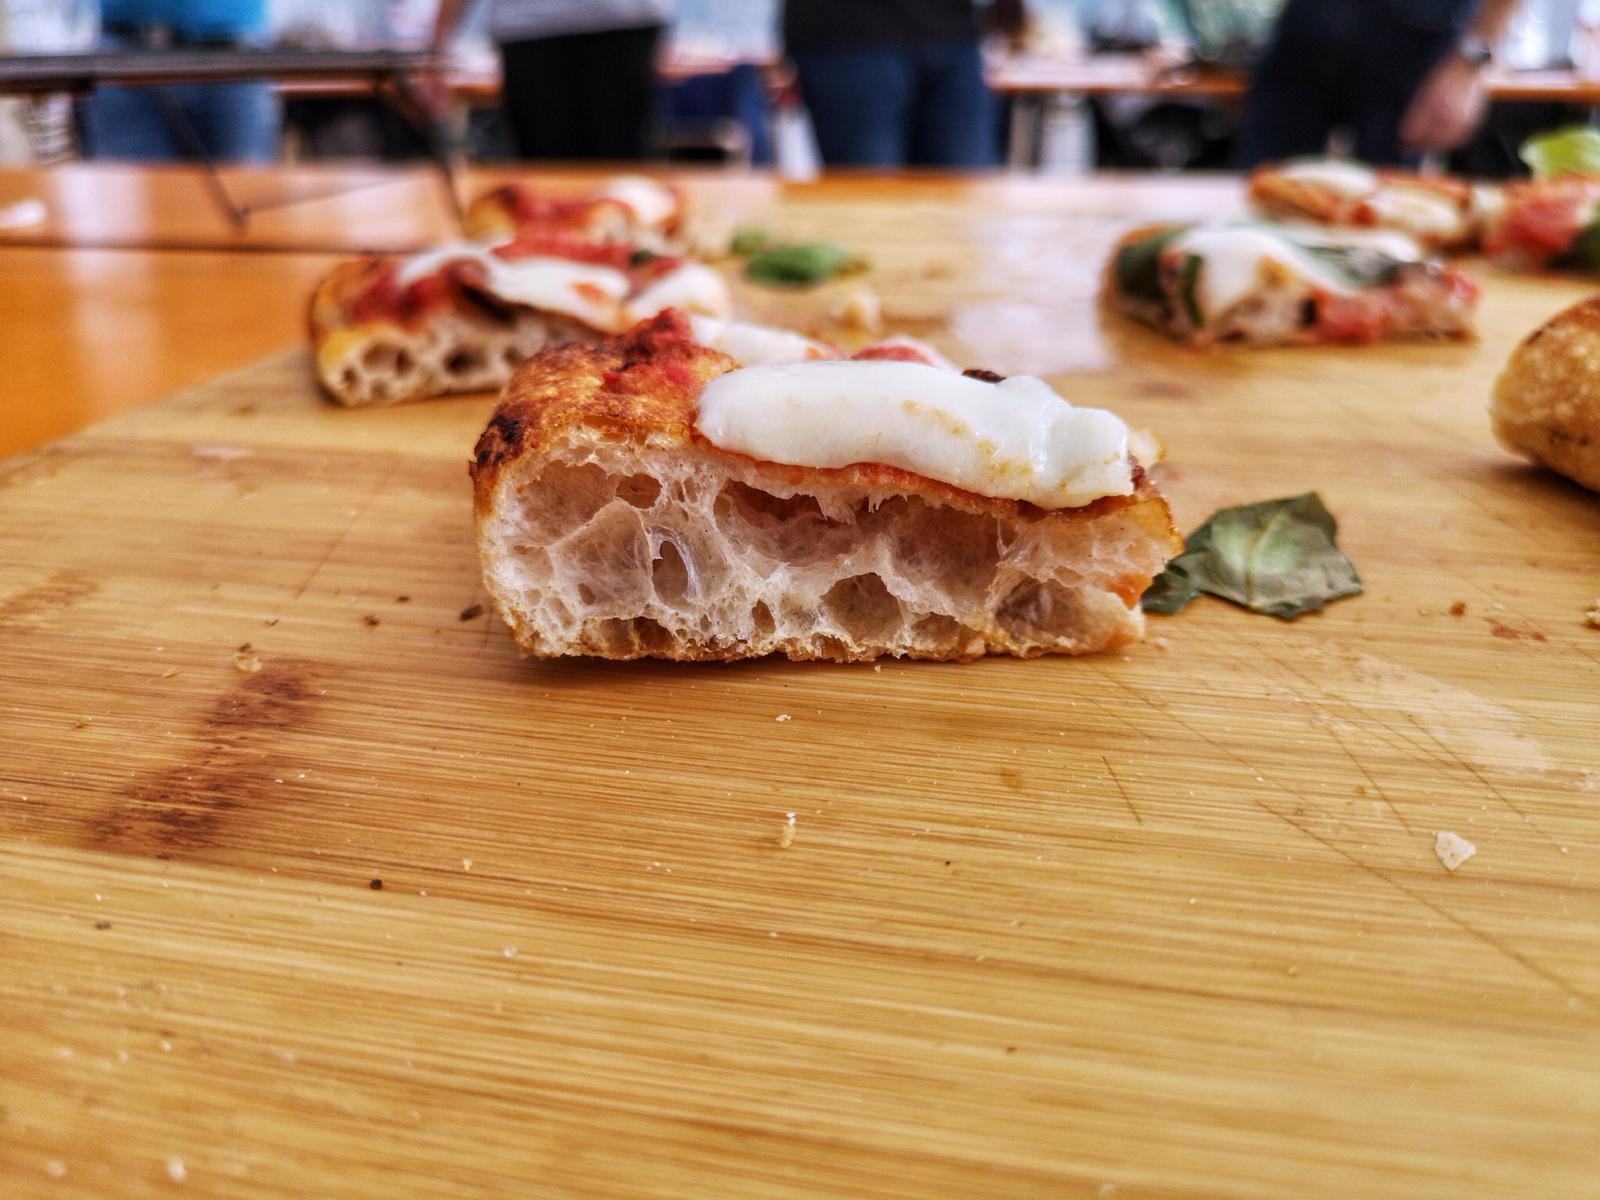 Dettaglio pizza in teglia fatta in casa